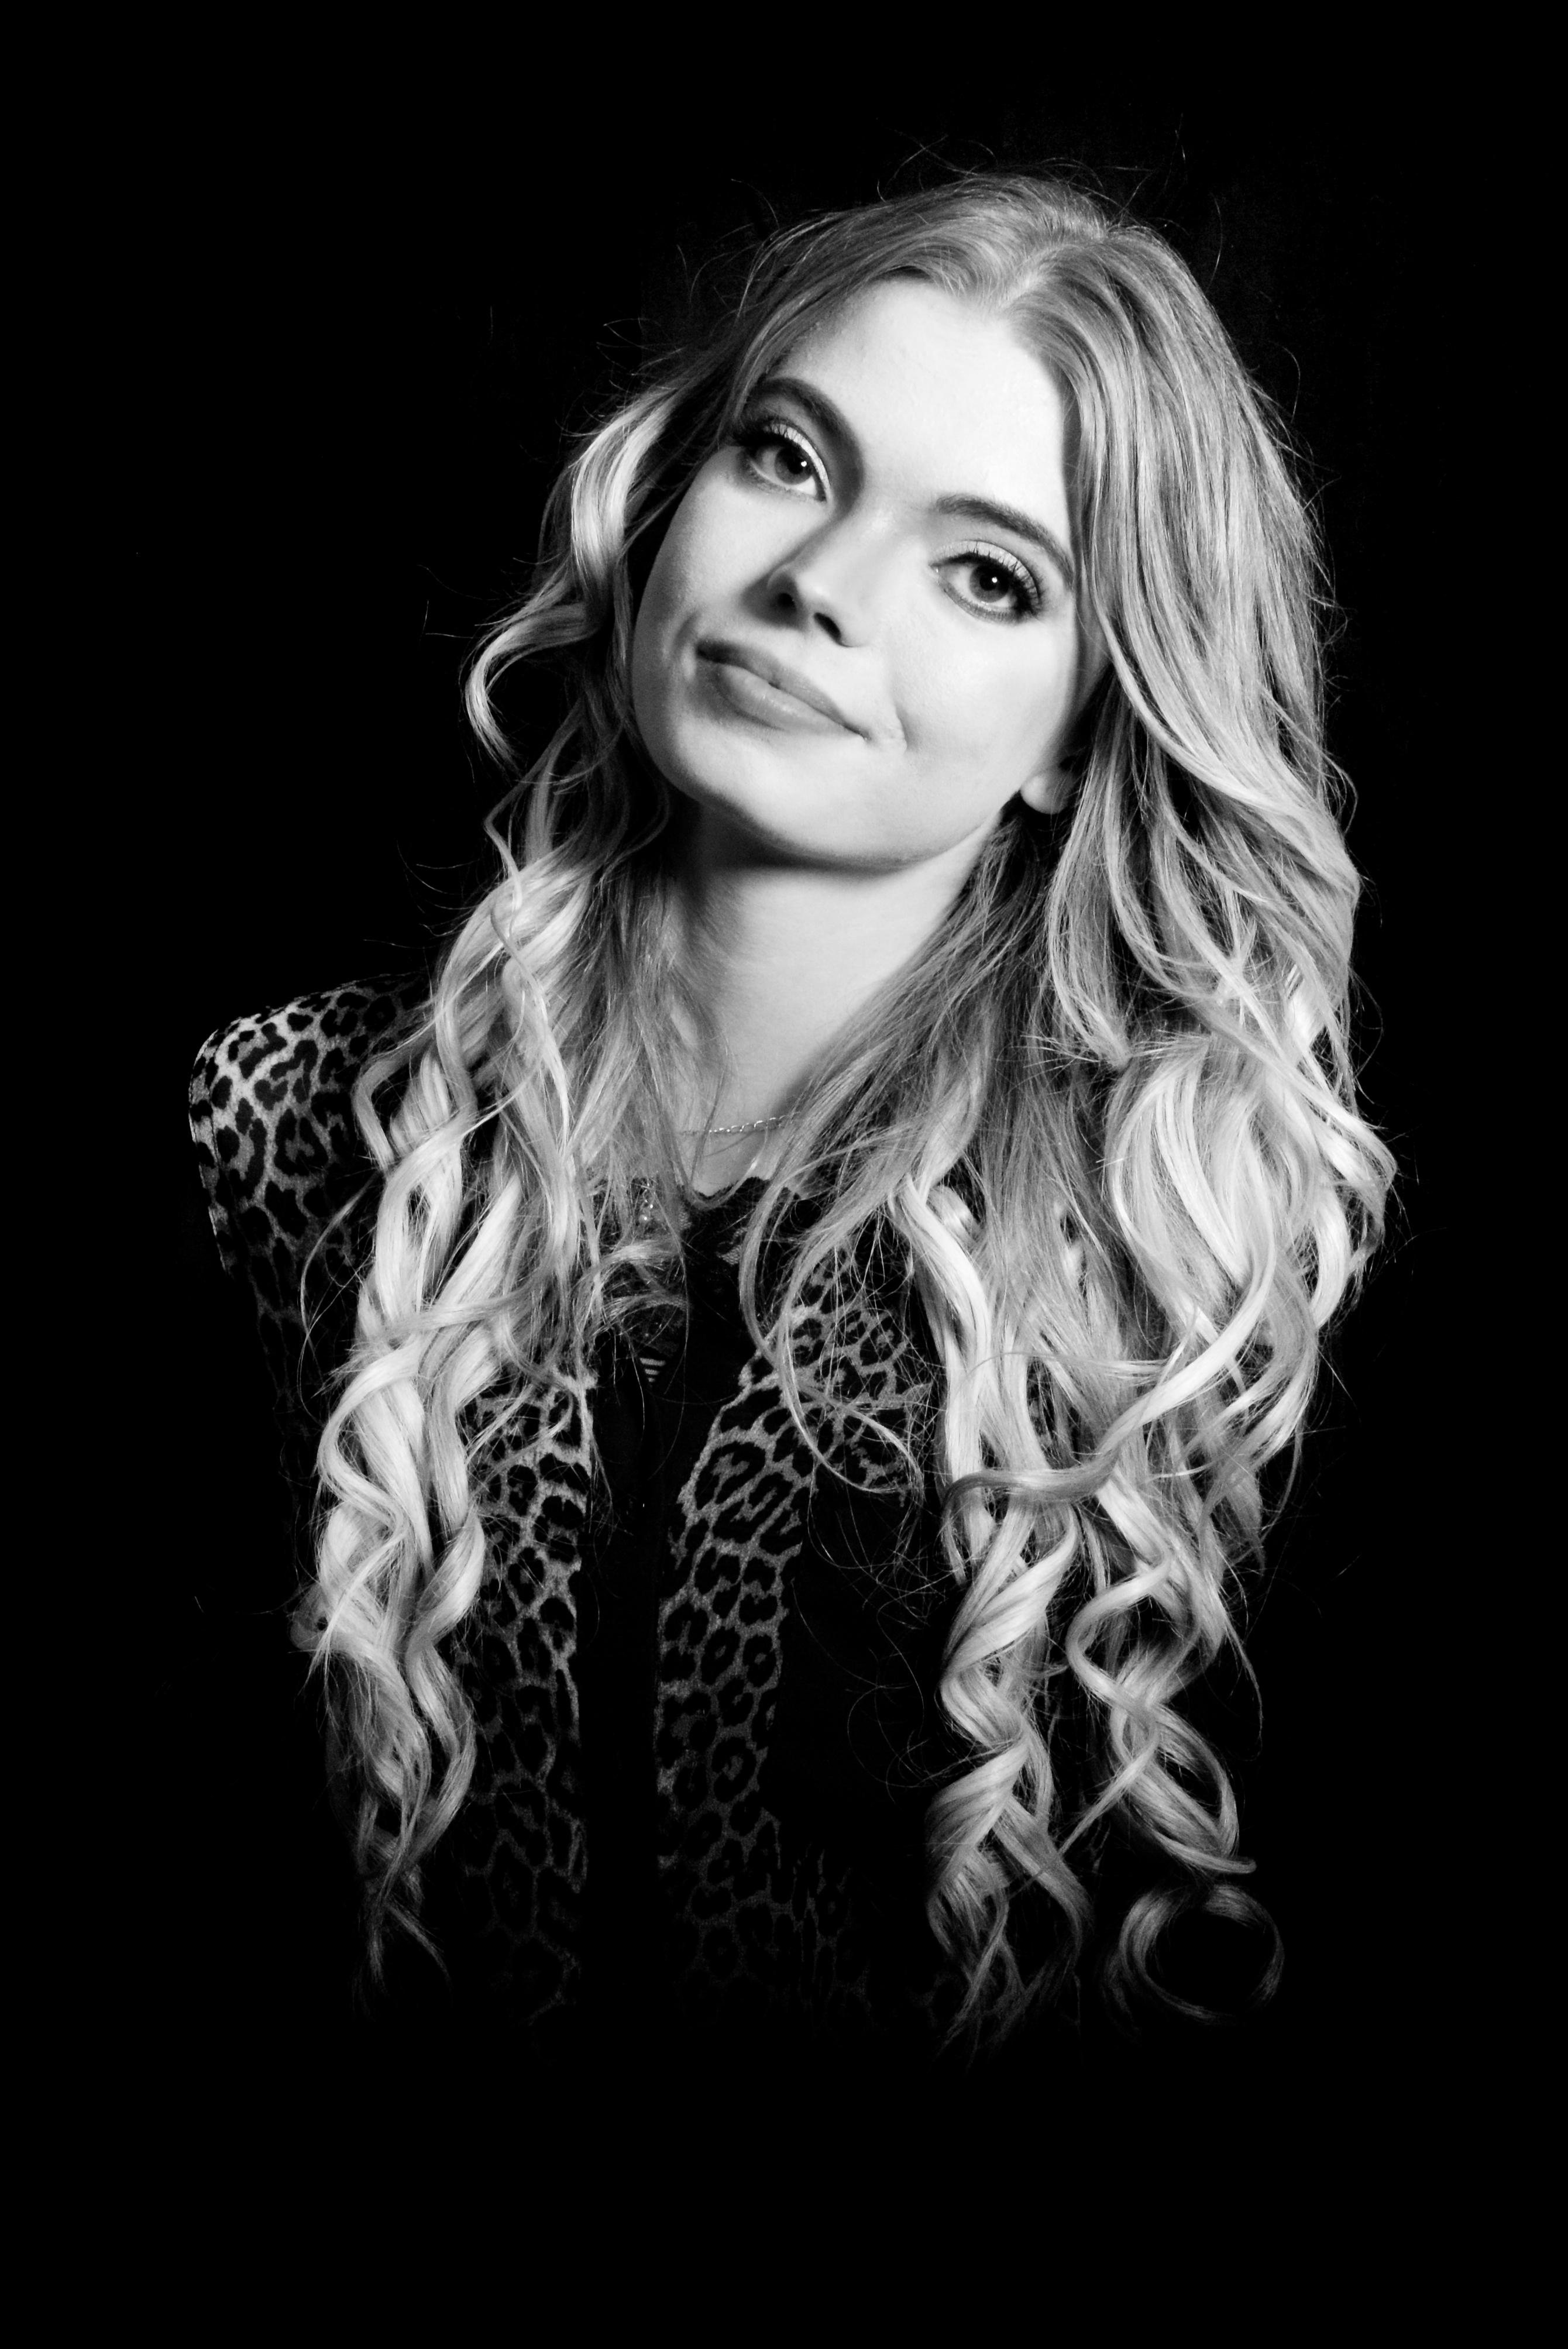 Fotomodellen Erika i svartvitt